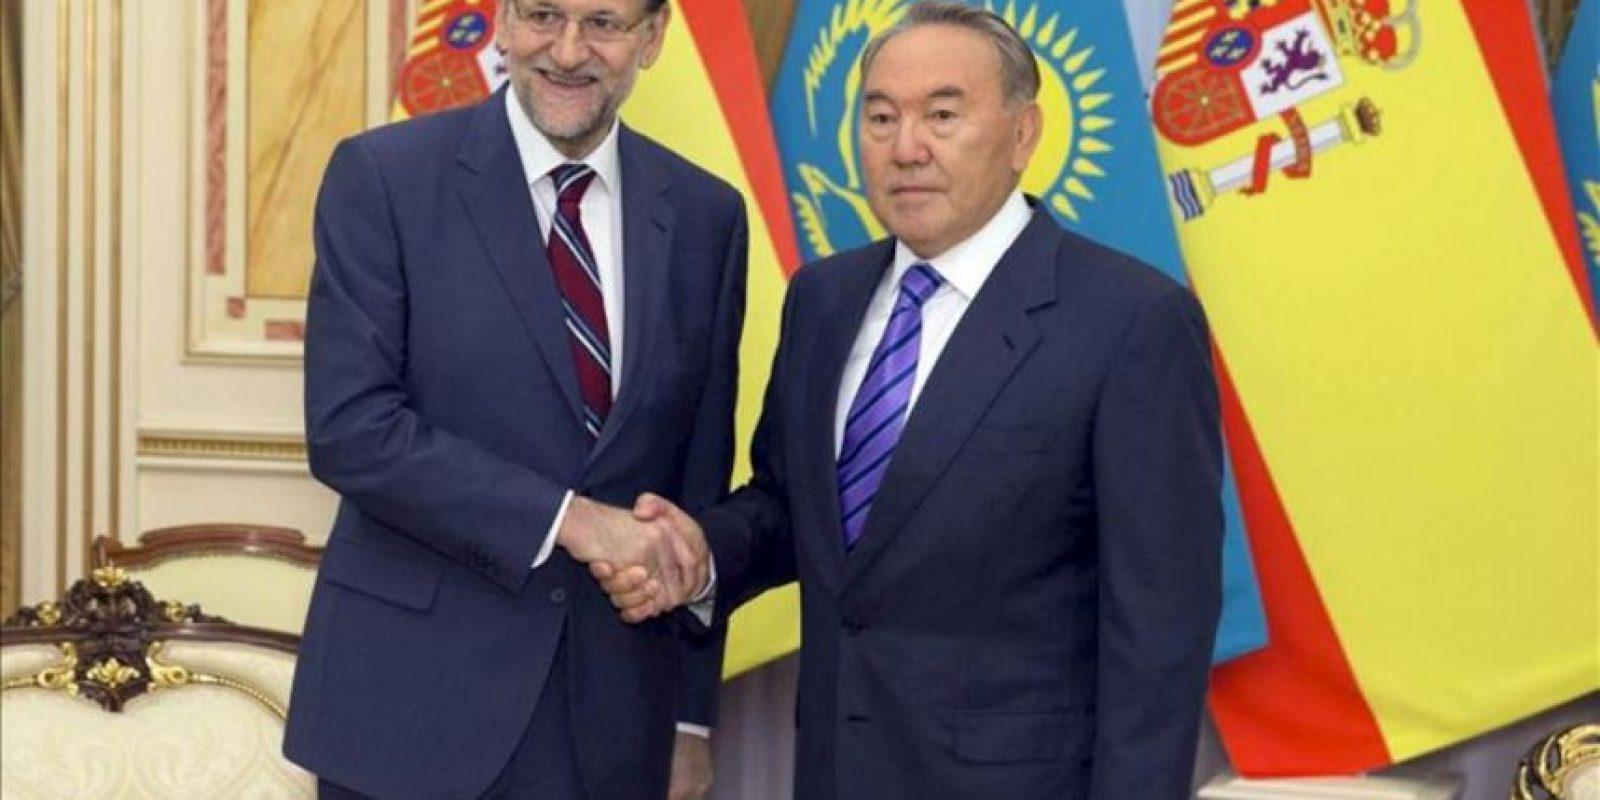 El presidente del Gobierno español, Mariano Rajoy (i), junto al presidente de Kazajistán, Nursultan Nazarbayev (2i), durante la reunión que mantuvieron hoy en el Palacio de la Independencia en Astaná en la primera jornada de la visita oficial del presidente del Ejecutivo español a Kazajistán. EFE